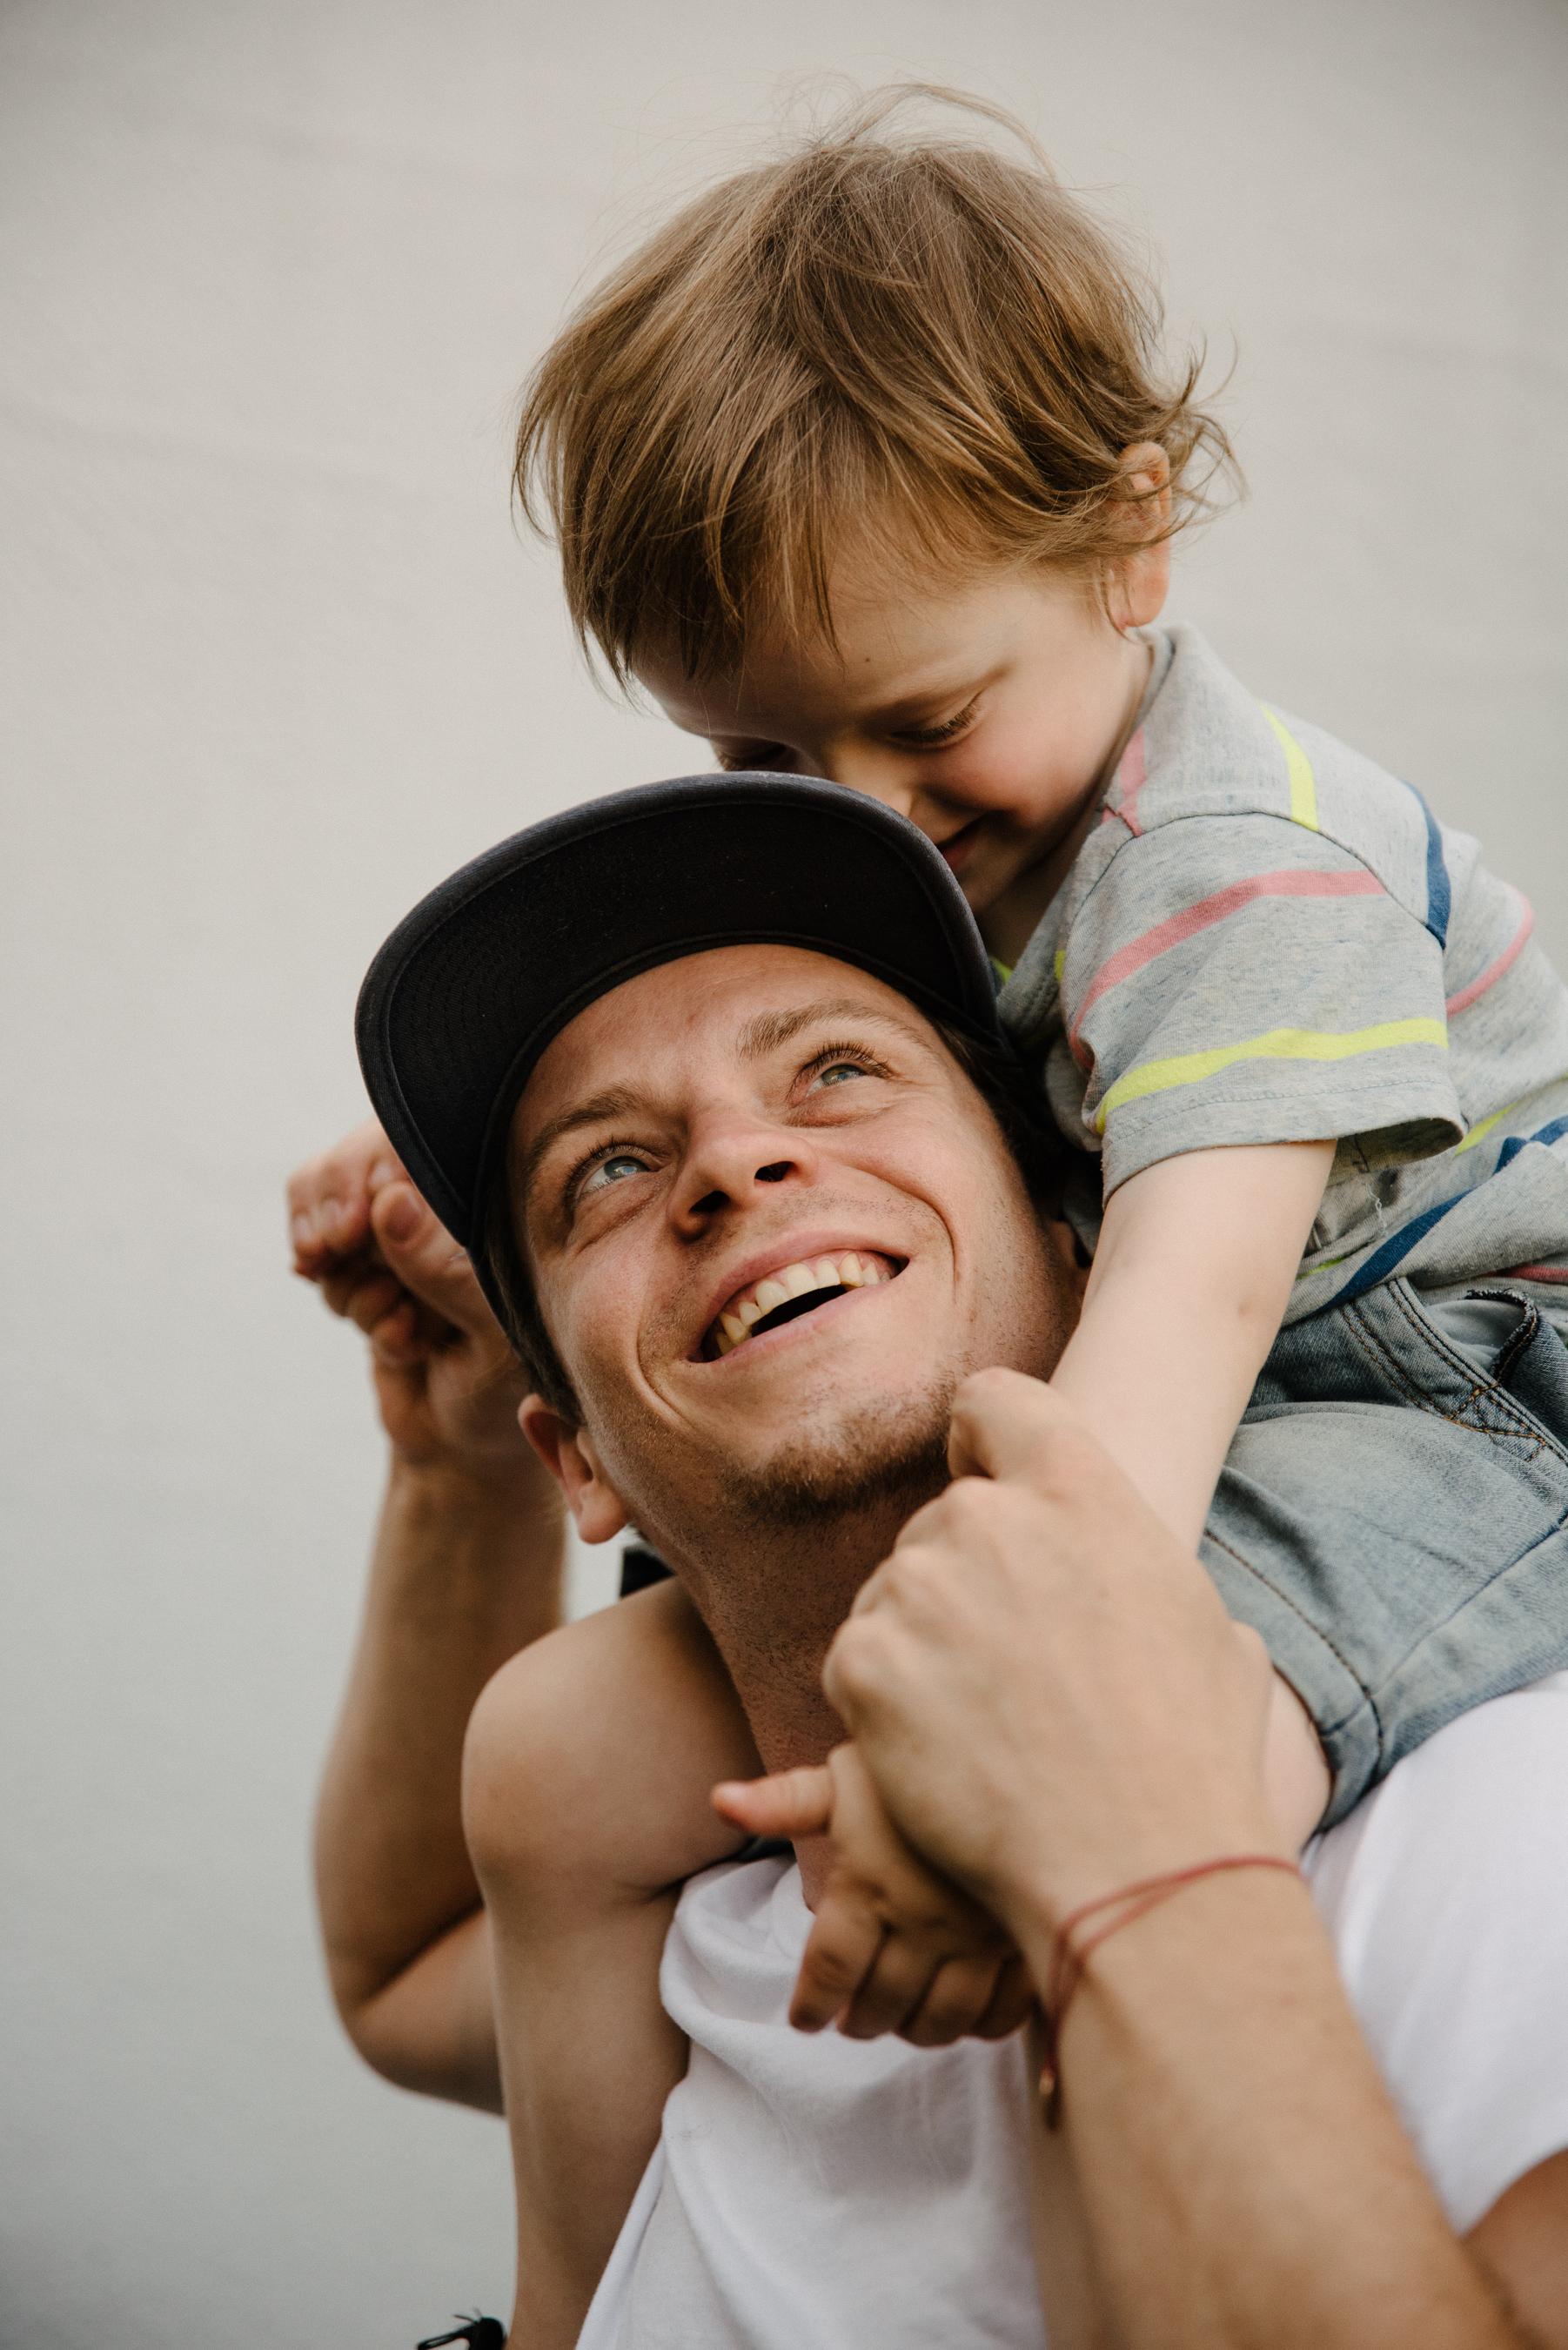 photo-d-un-pere-souriant-qui-porte-son-fils-sur-ses-epaules-photographe-lifestyle-famille-et-nouveau-ne-a-montreal-marianne-charland-370.jpg